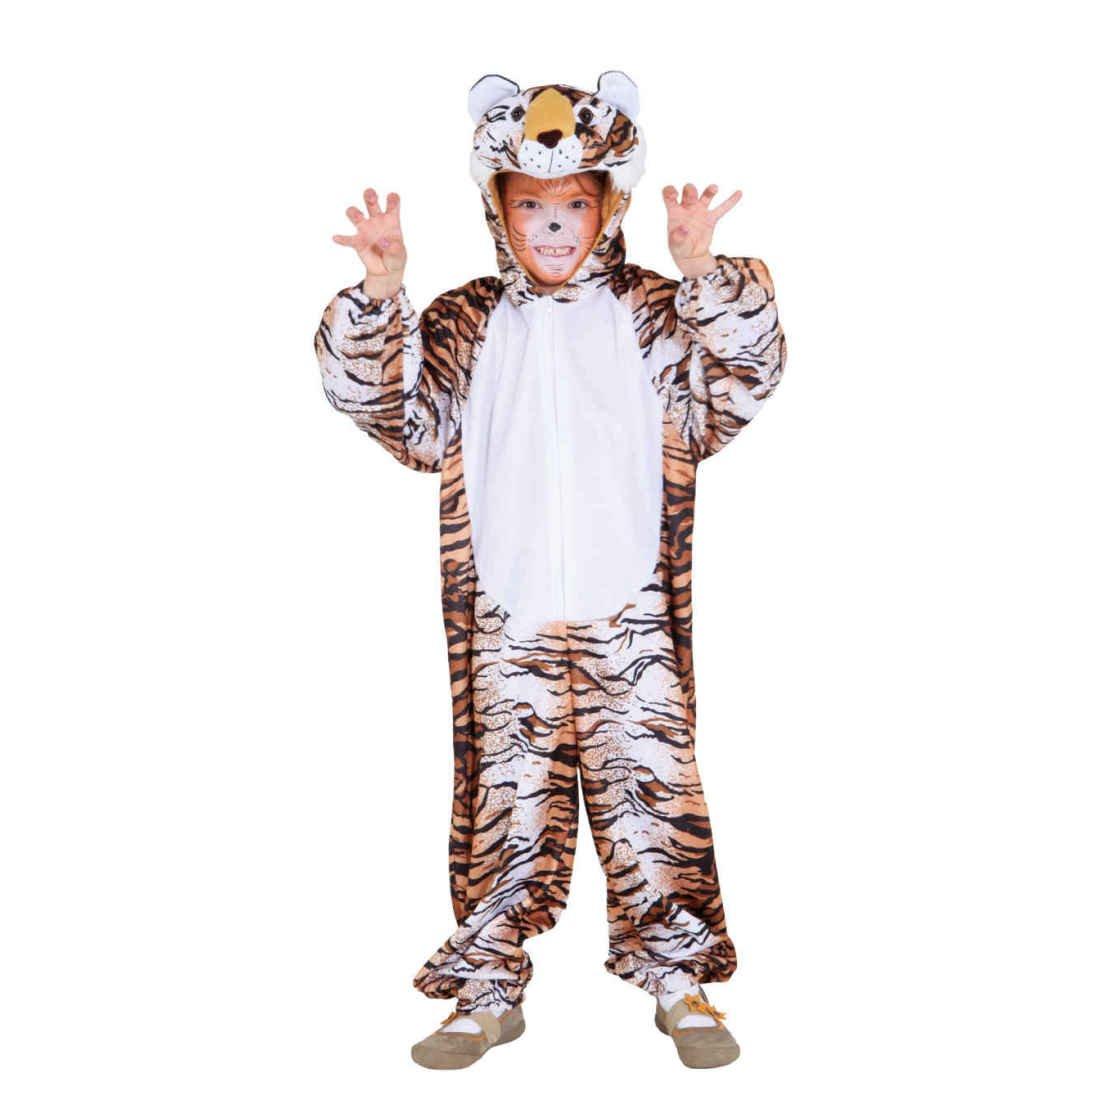 Tigerkostüm Kind Tiger Overall Wildkatze Kinderkostüm Raubkatze Katzenkostüm